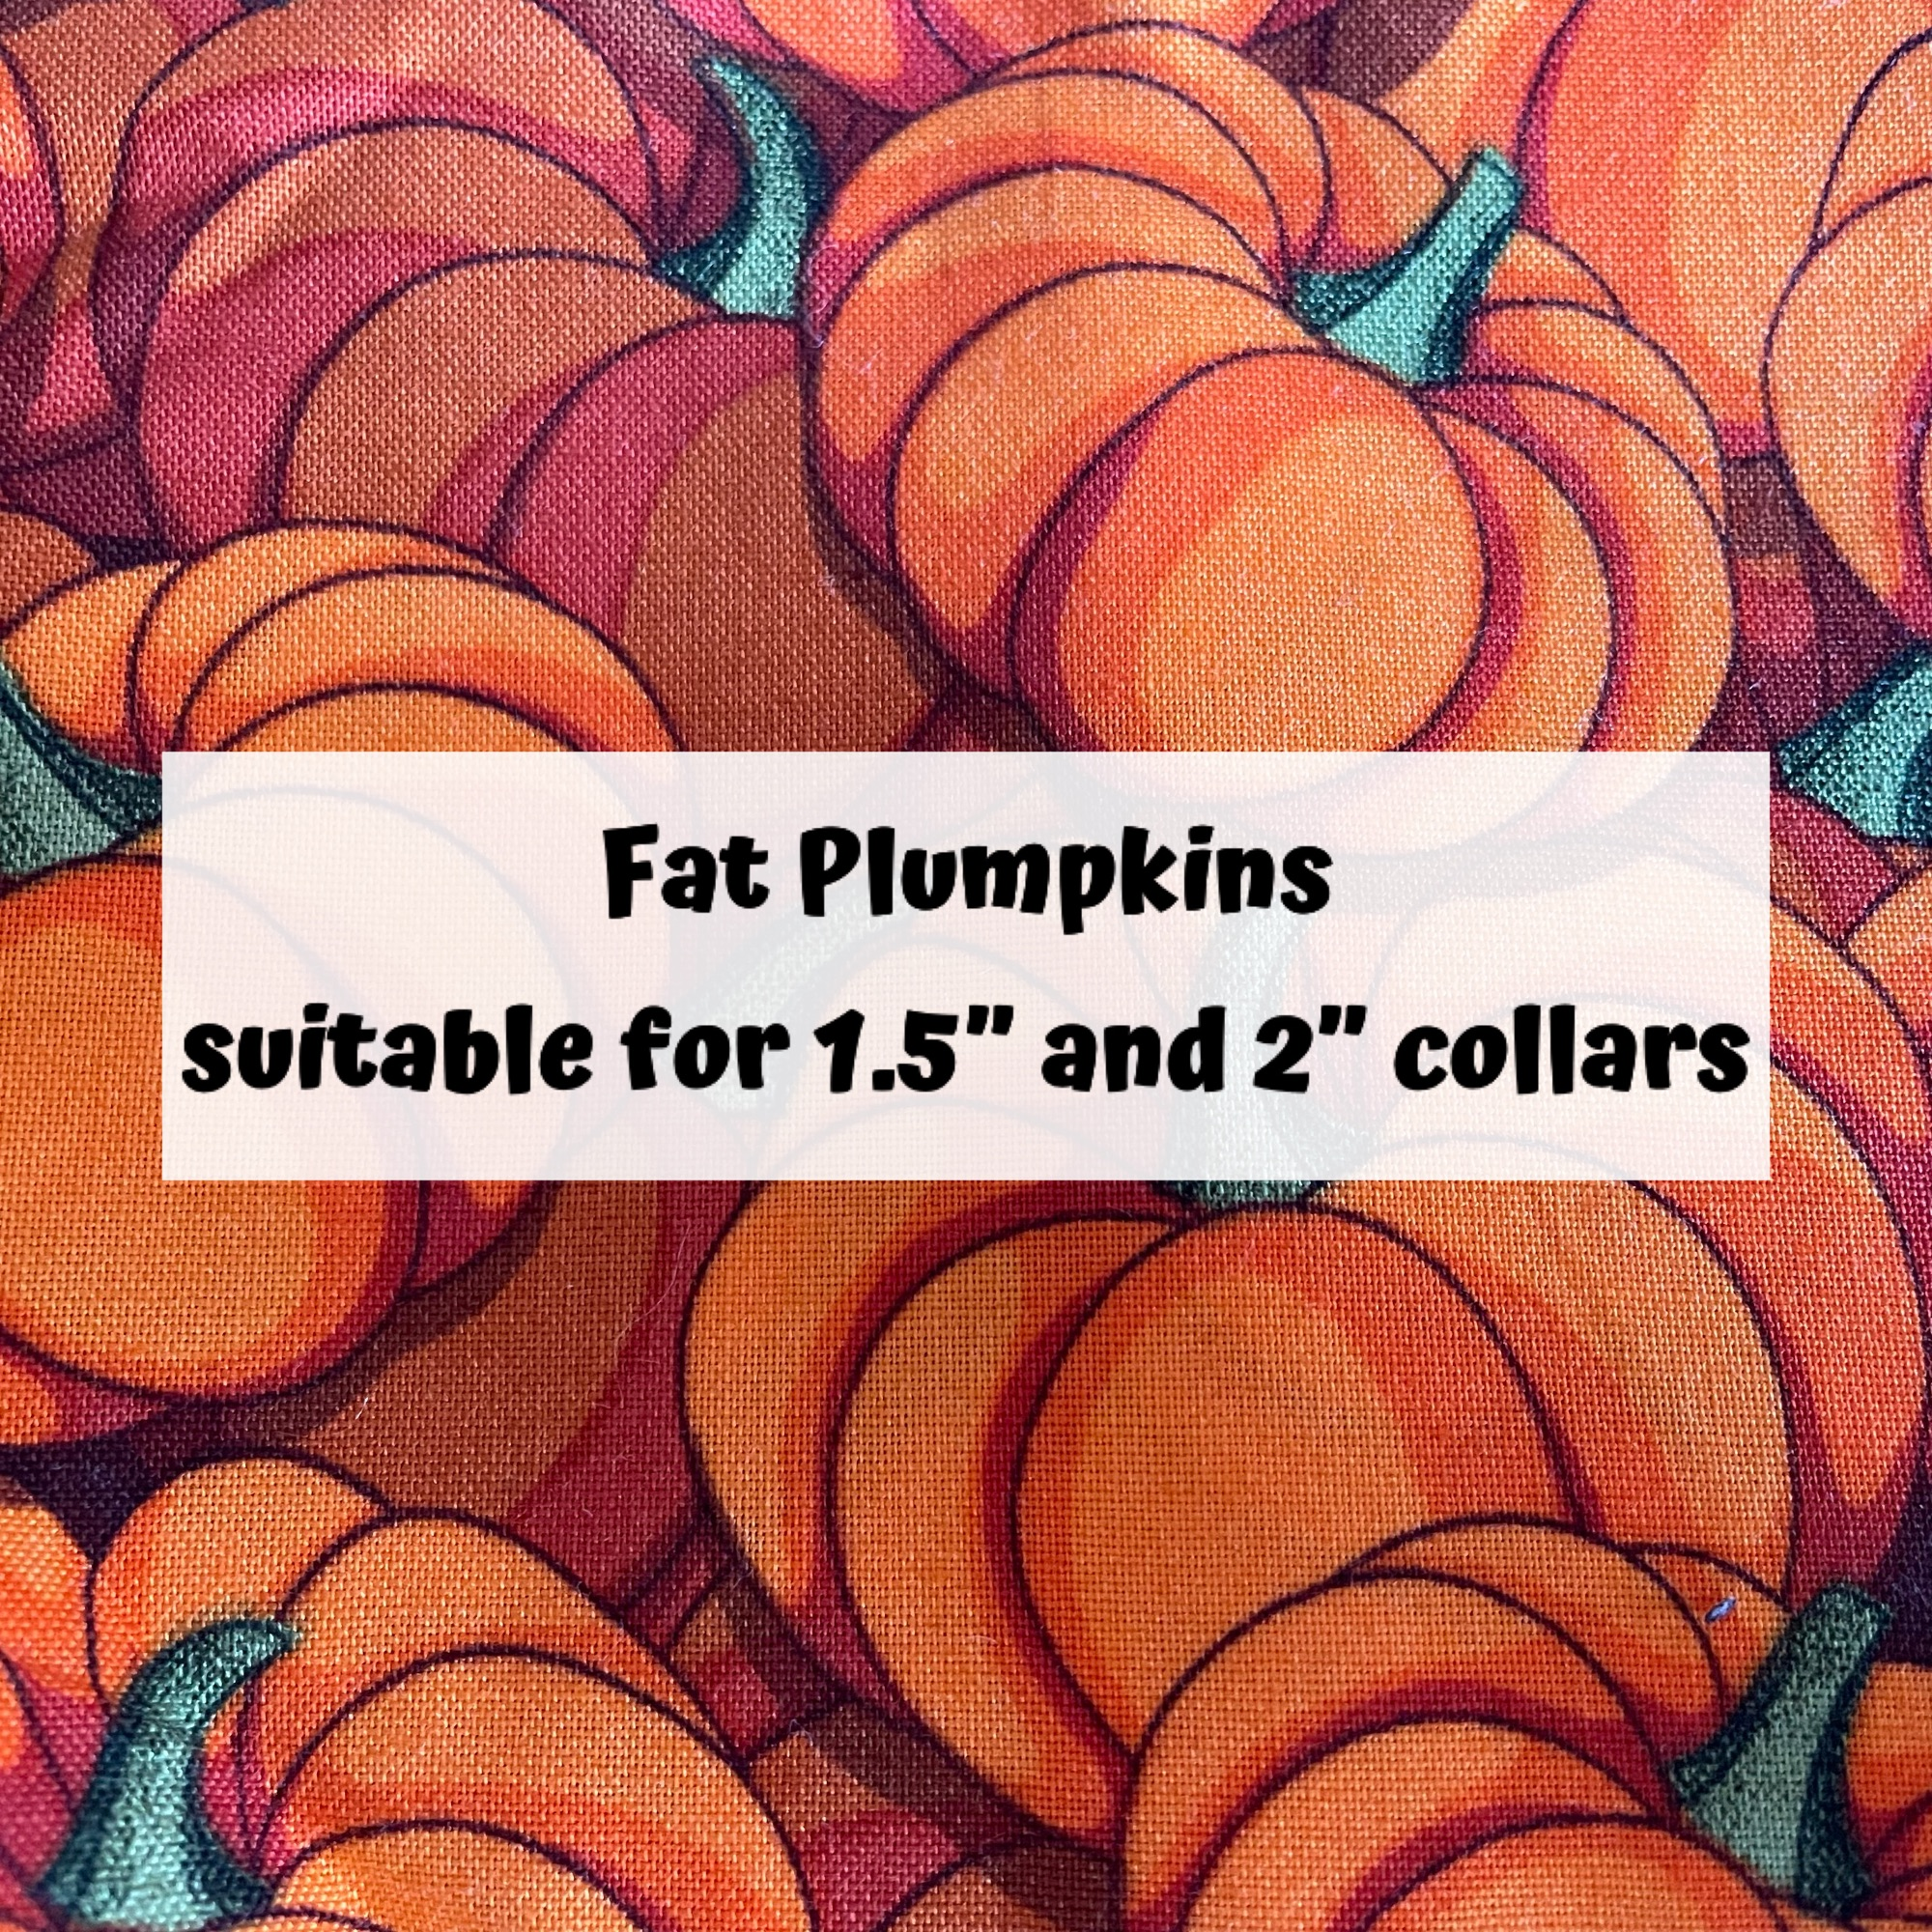 Fat Plumpkins